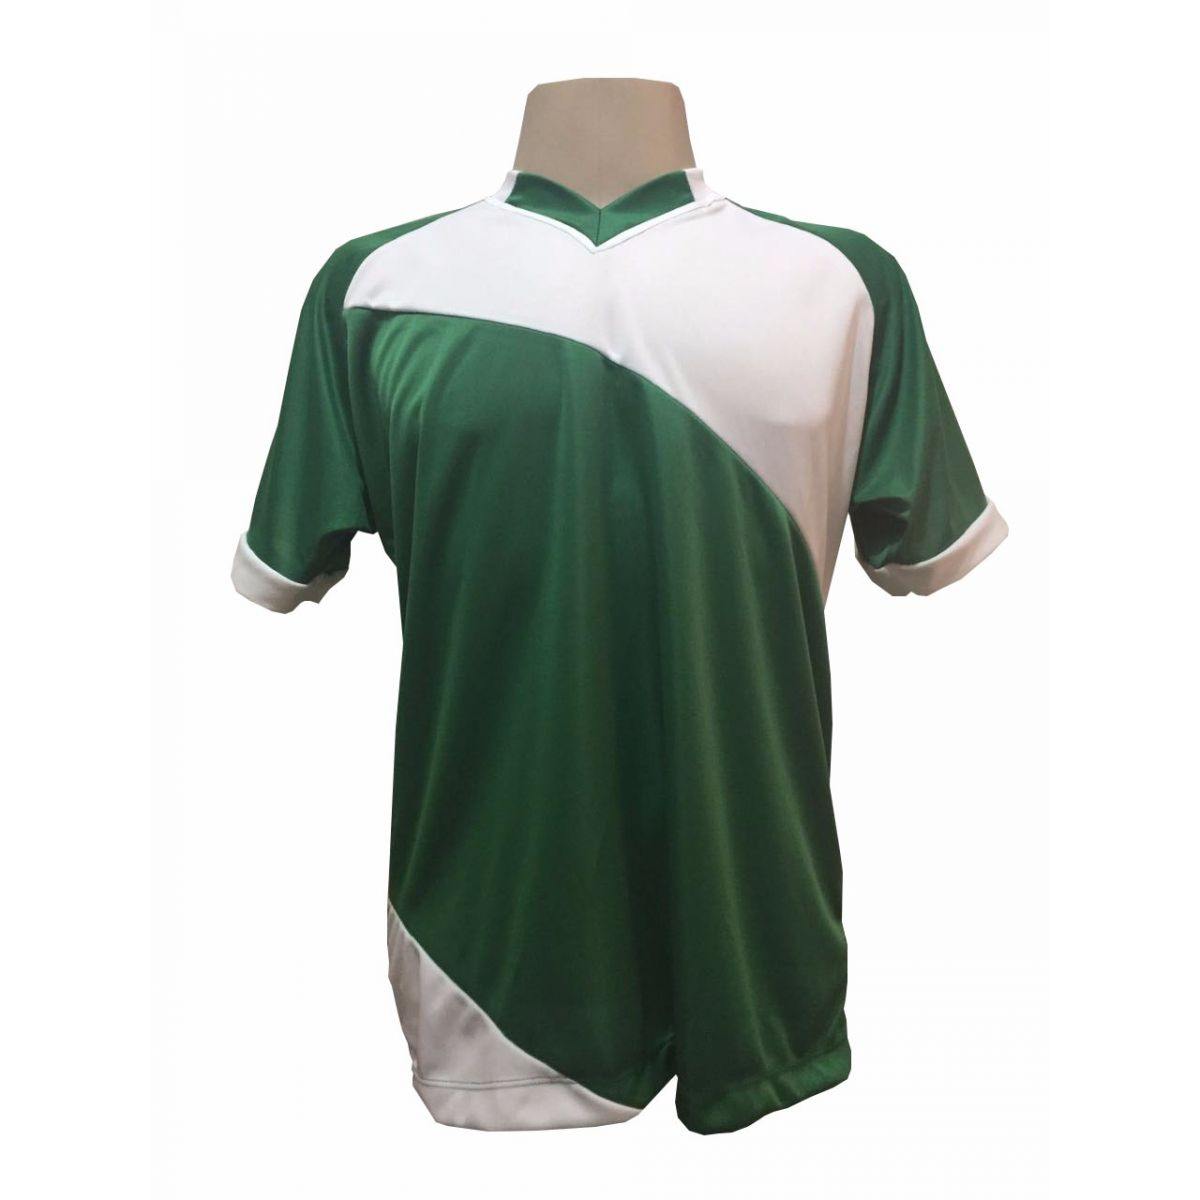 Jogo de Camisa com 20 unidades modelo Bélgica Verde/Branco